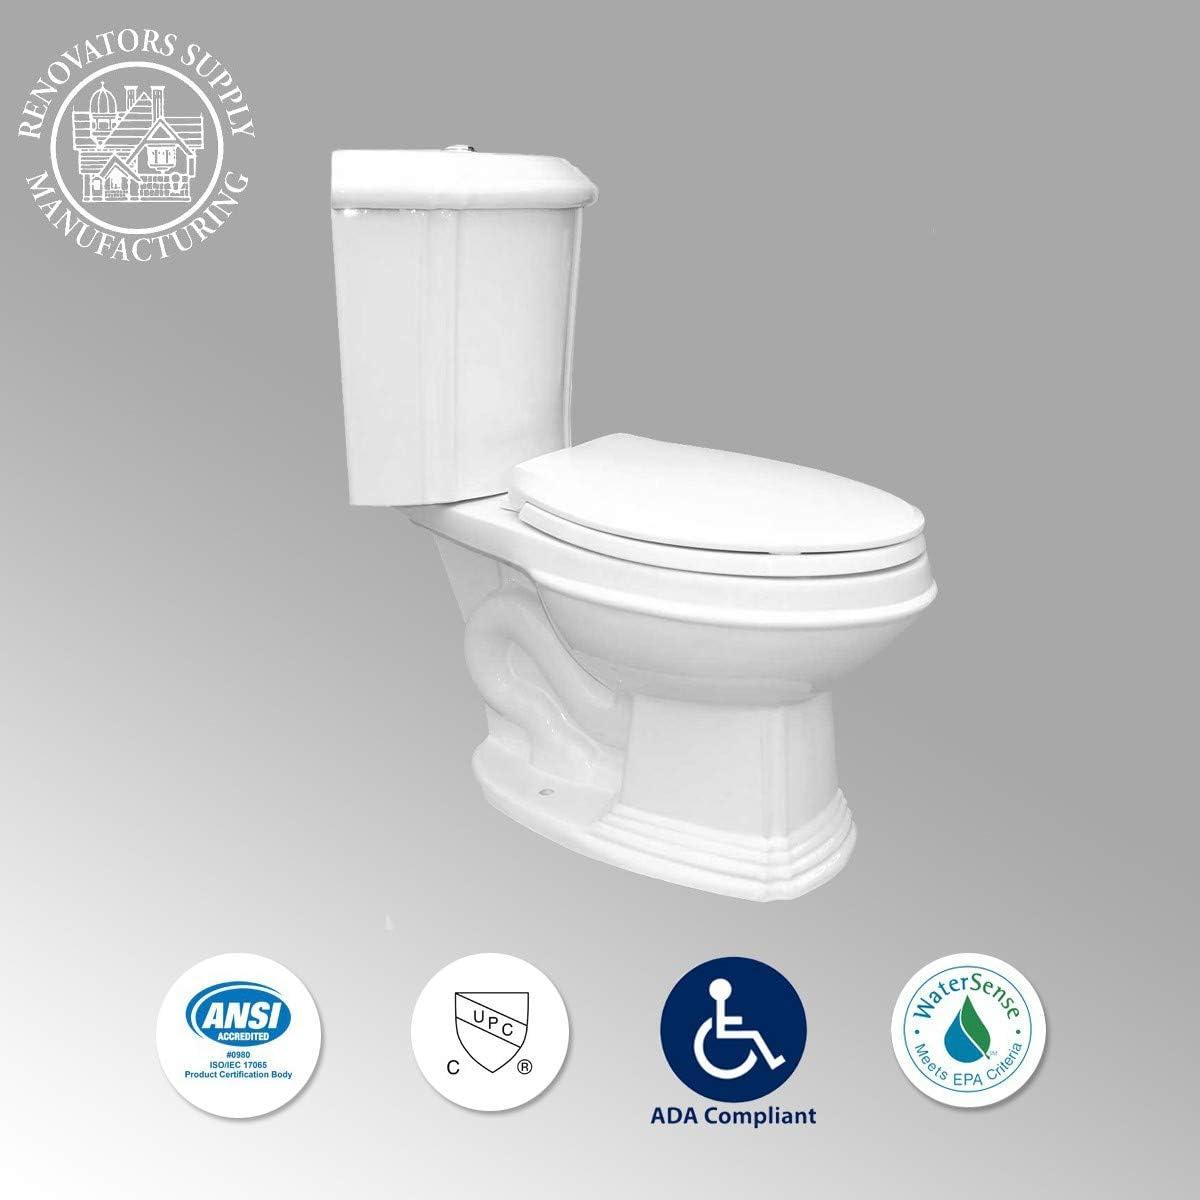 7. Sheffield Corner 2 WaterSense Toilet